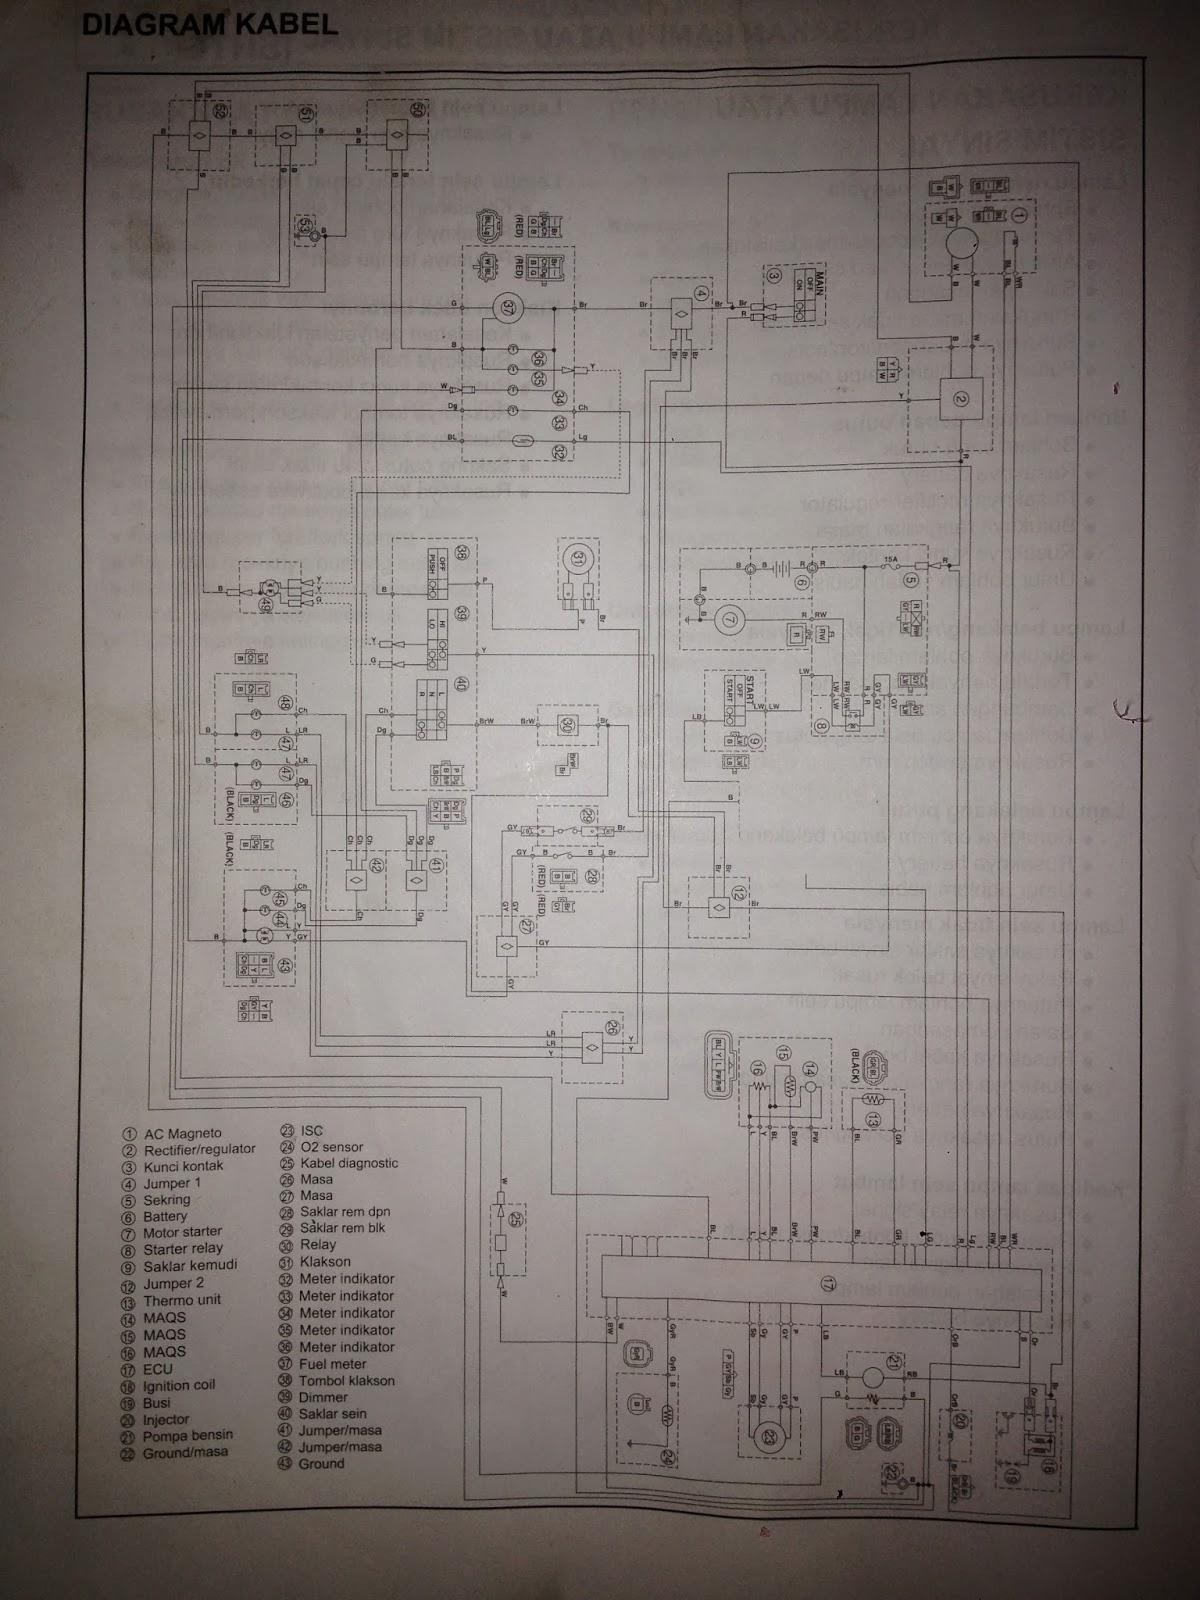 Wiring diagram yamaha mio j free download wiring diagram xwiaw bengkel motor diagram kelistrikan soul gt atau mio j free download wiring swarovskicordoba Gallery